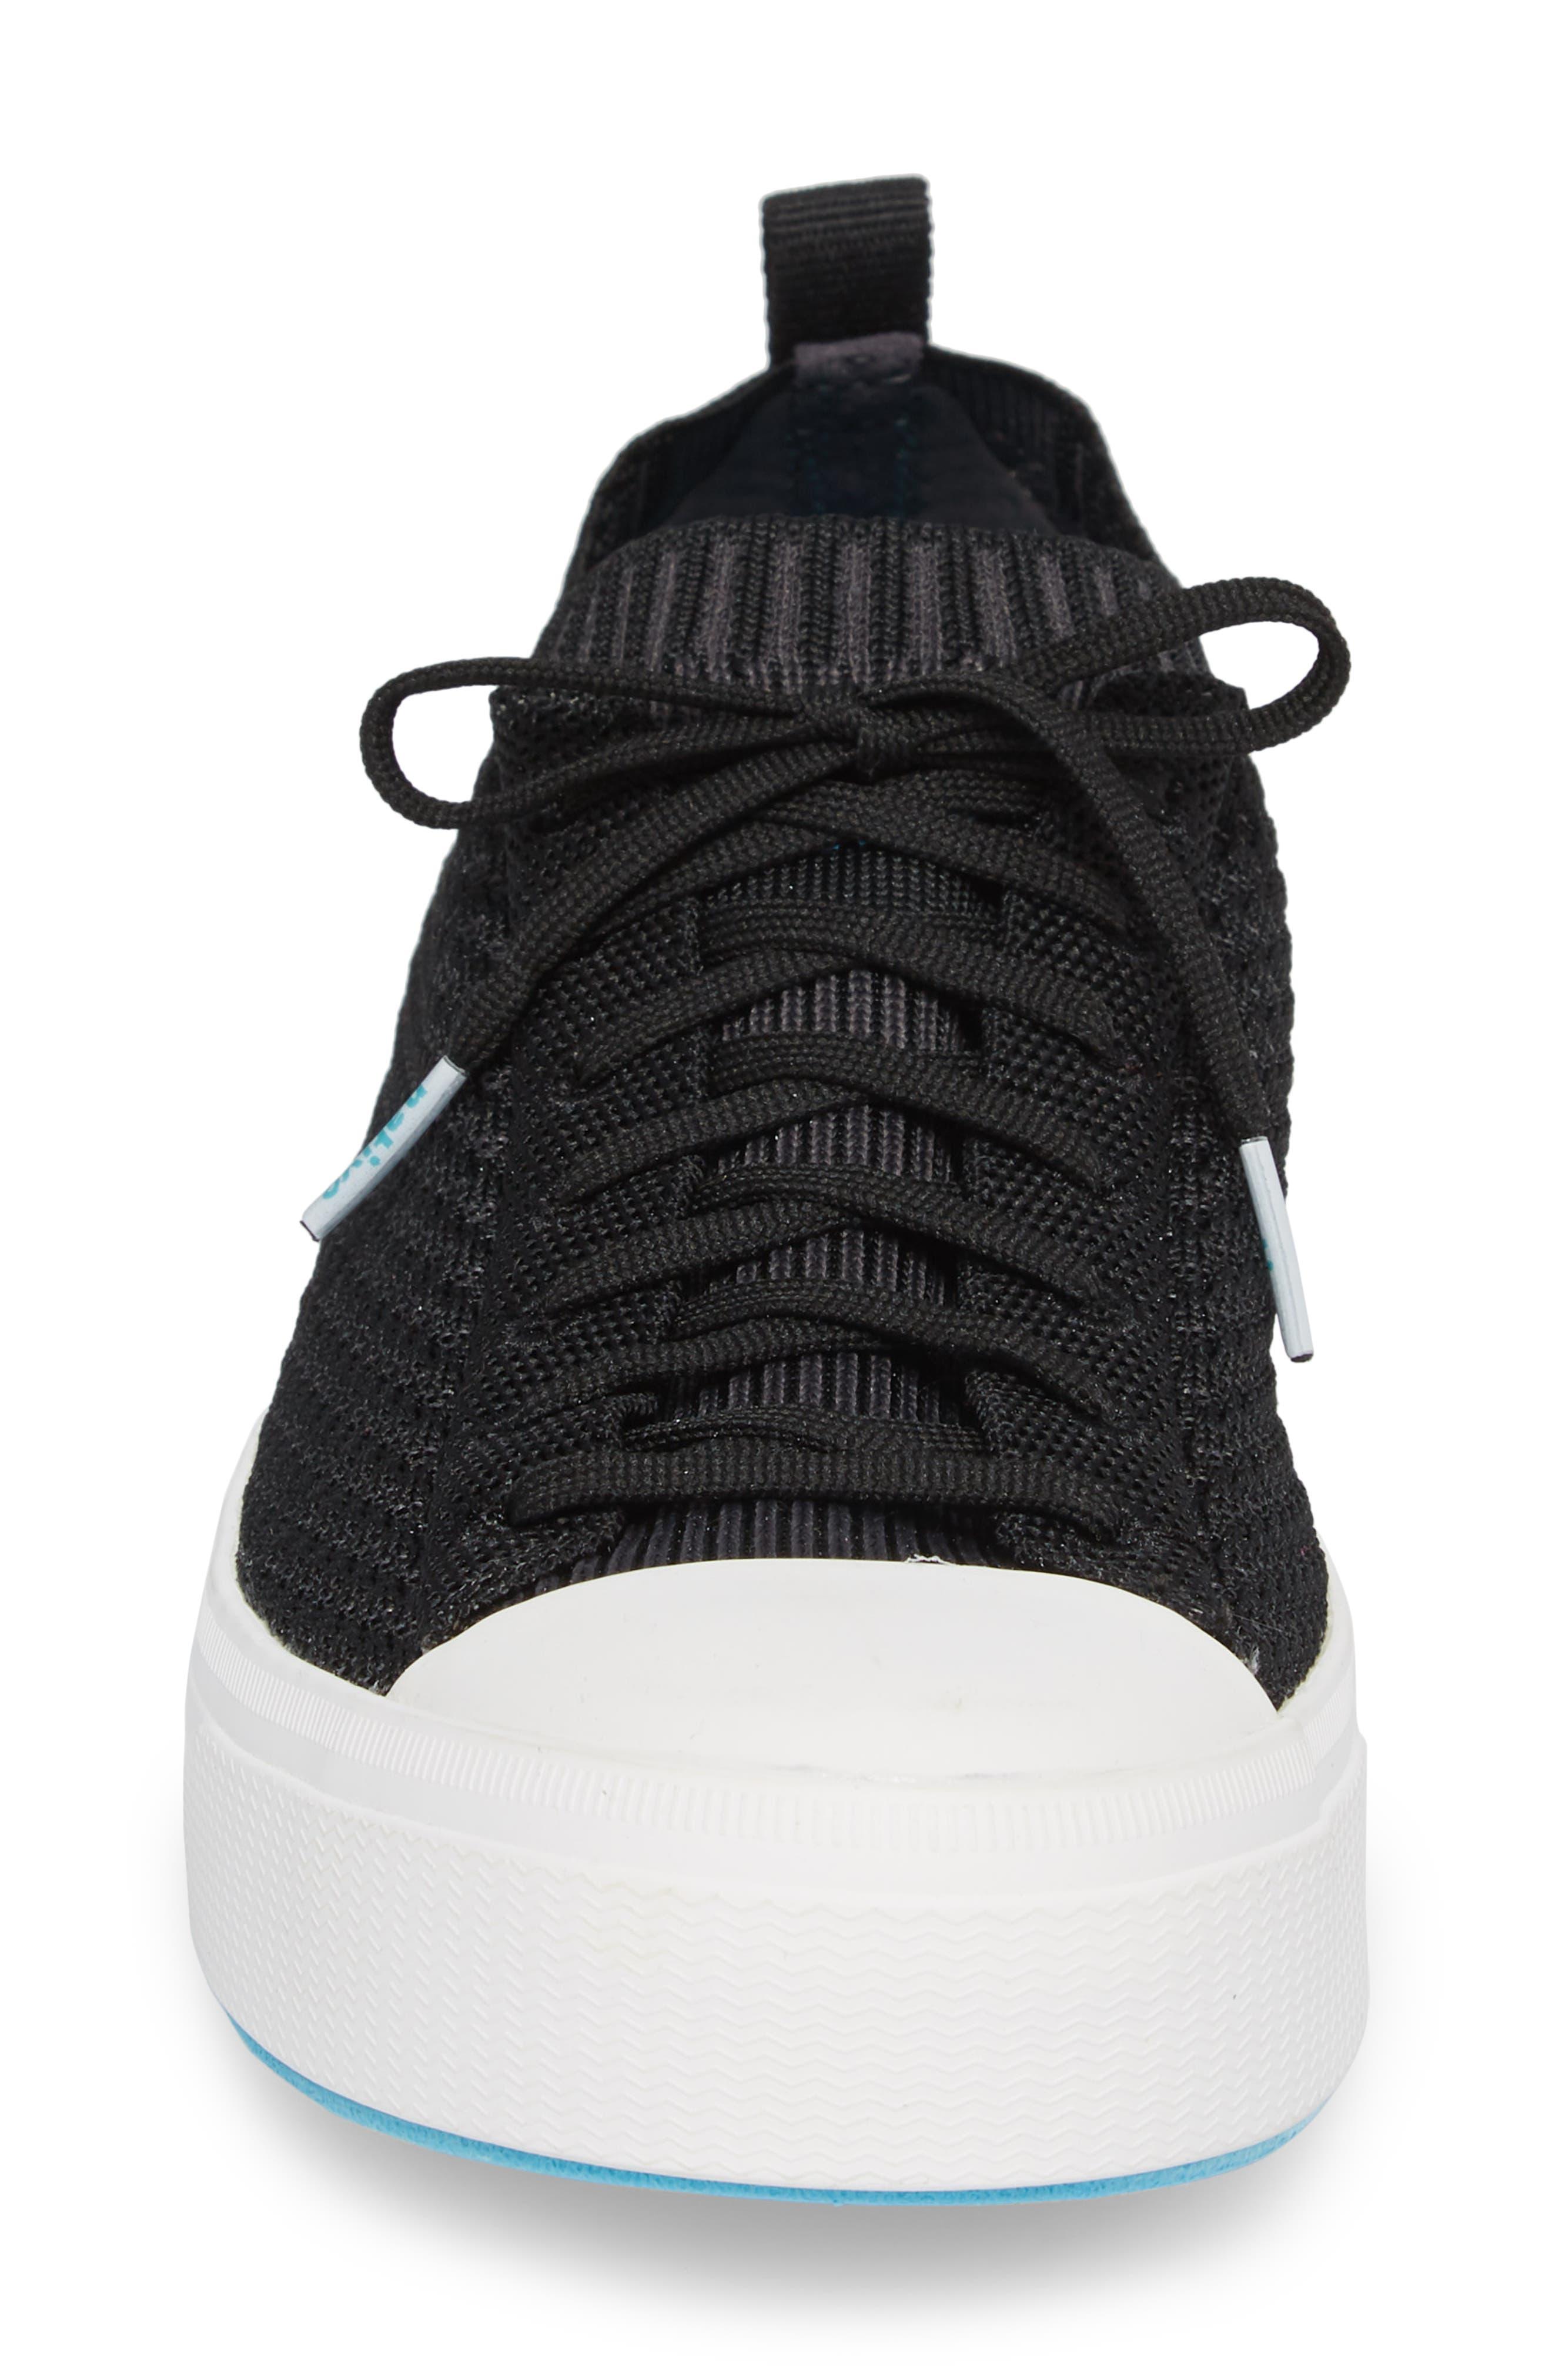 Jefferson 2.0 Liteknit Lace-Up Sneaker,                             Alternate thumbnail 4, color,                             JIFFY BLACK/ SHELL WHITE